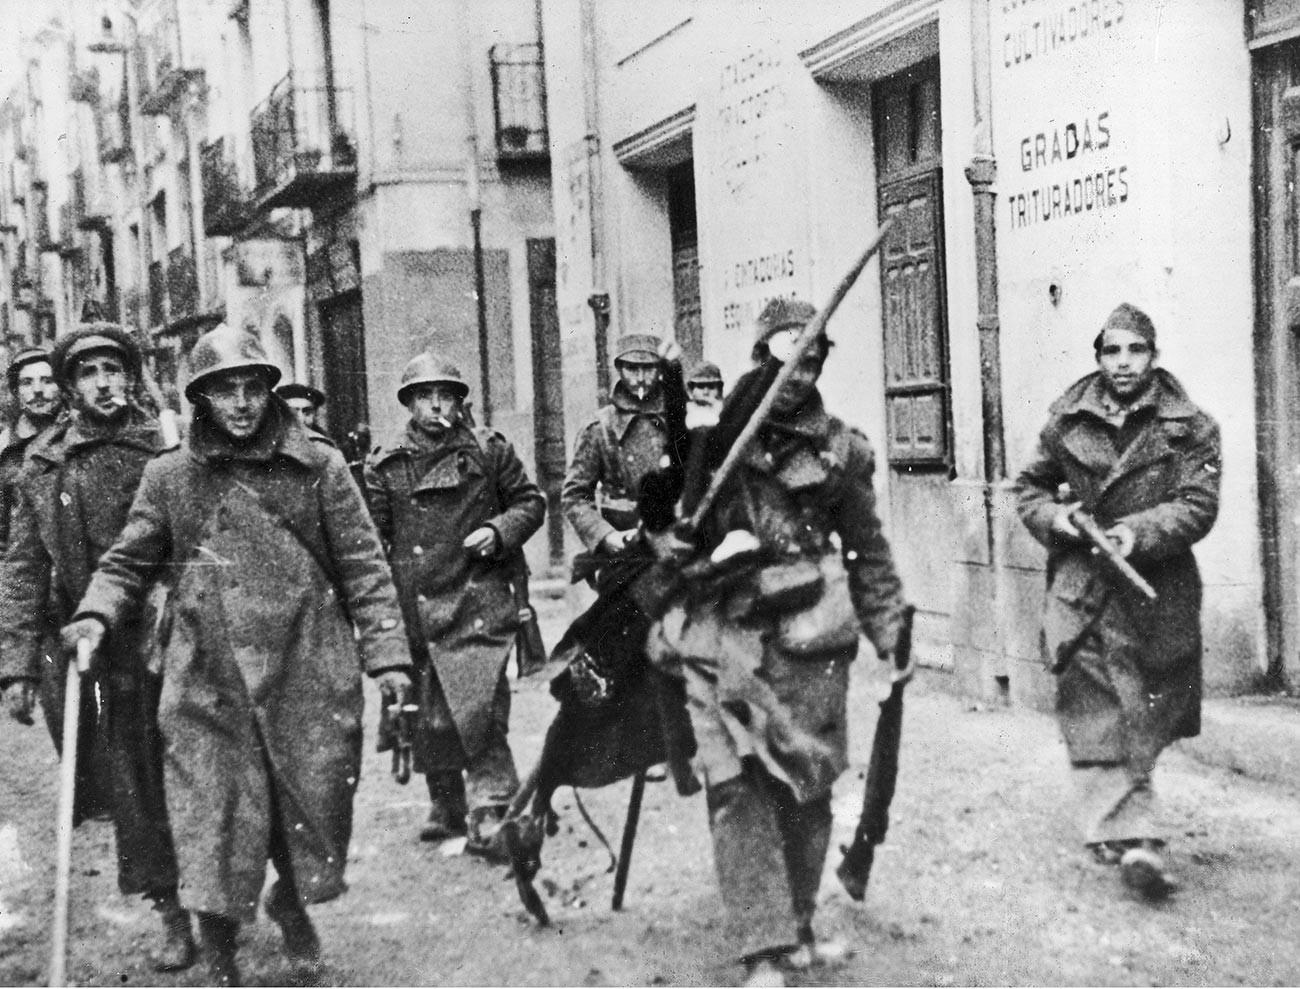 Soldati repubblicani spagnoli durante la Guerra civile in Spagna